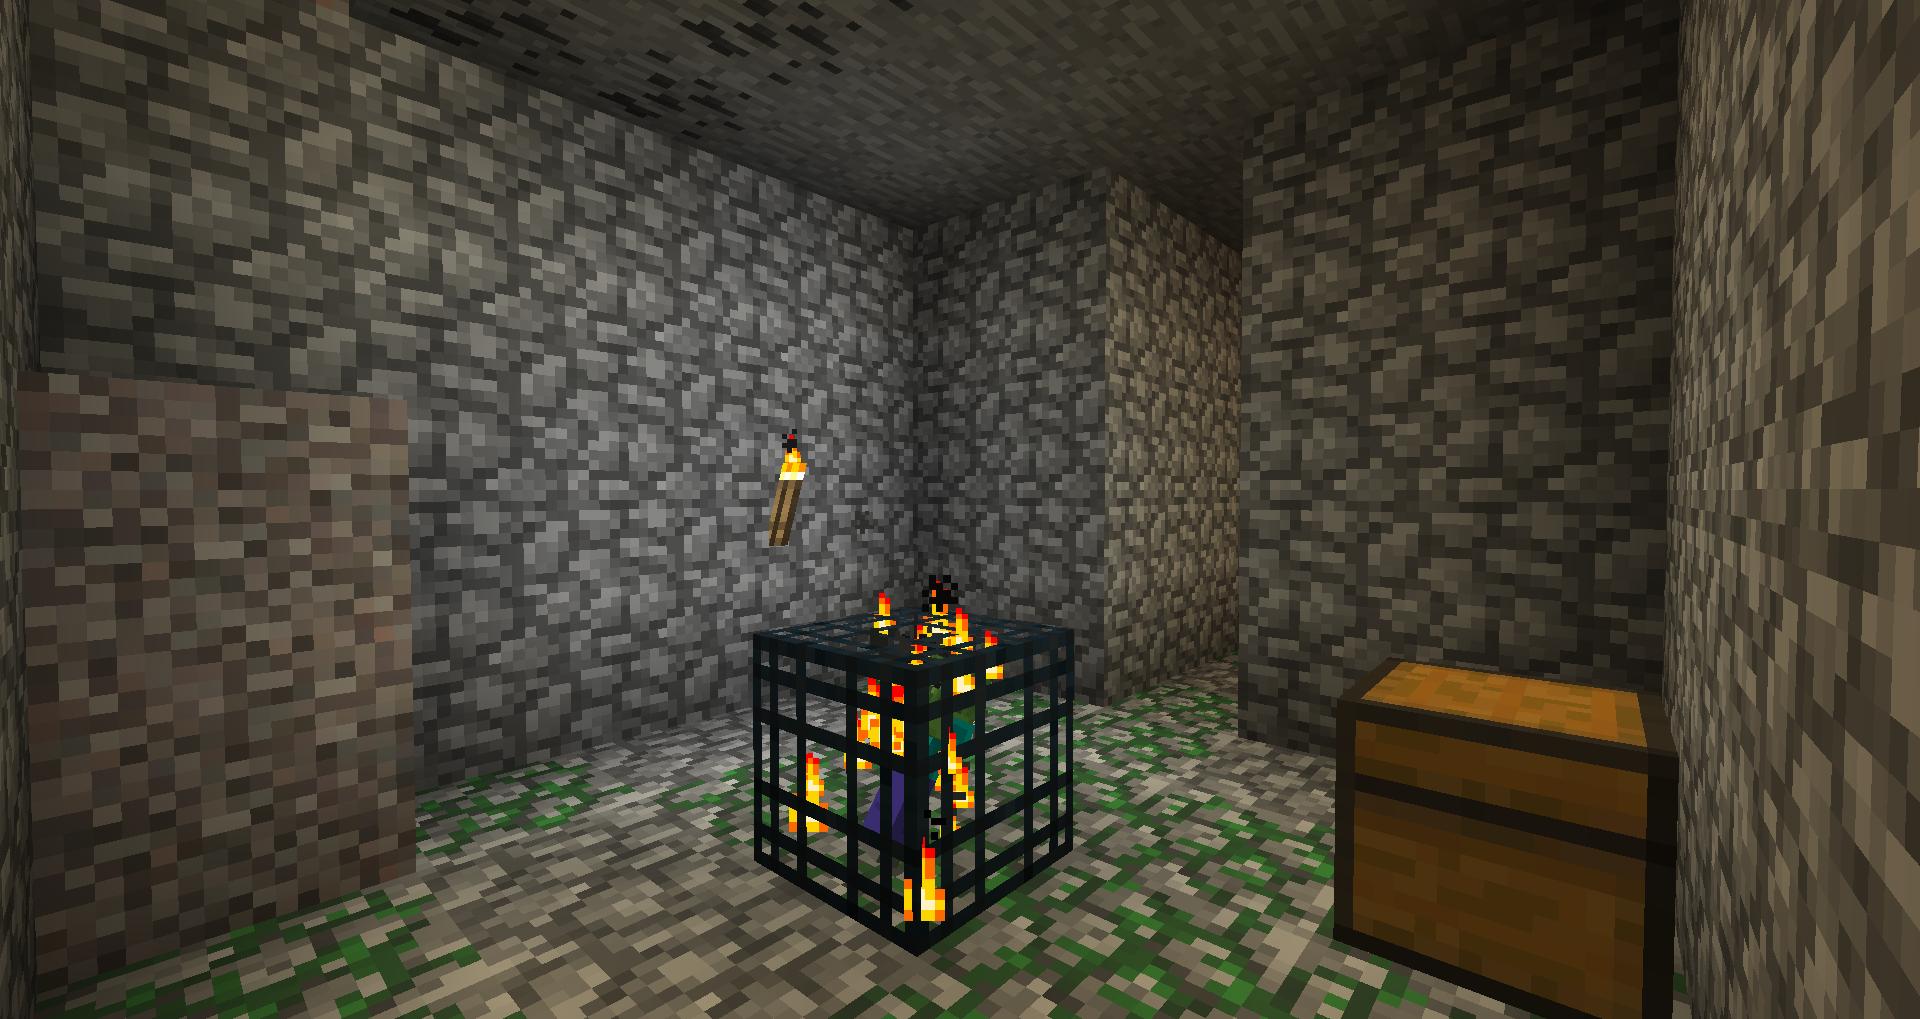 minecraft dungeons - photo #21